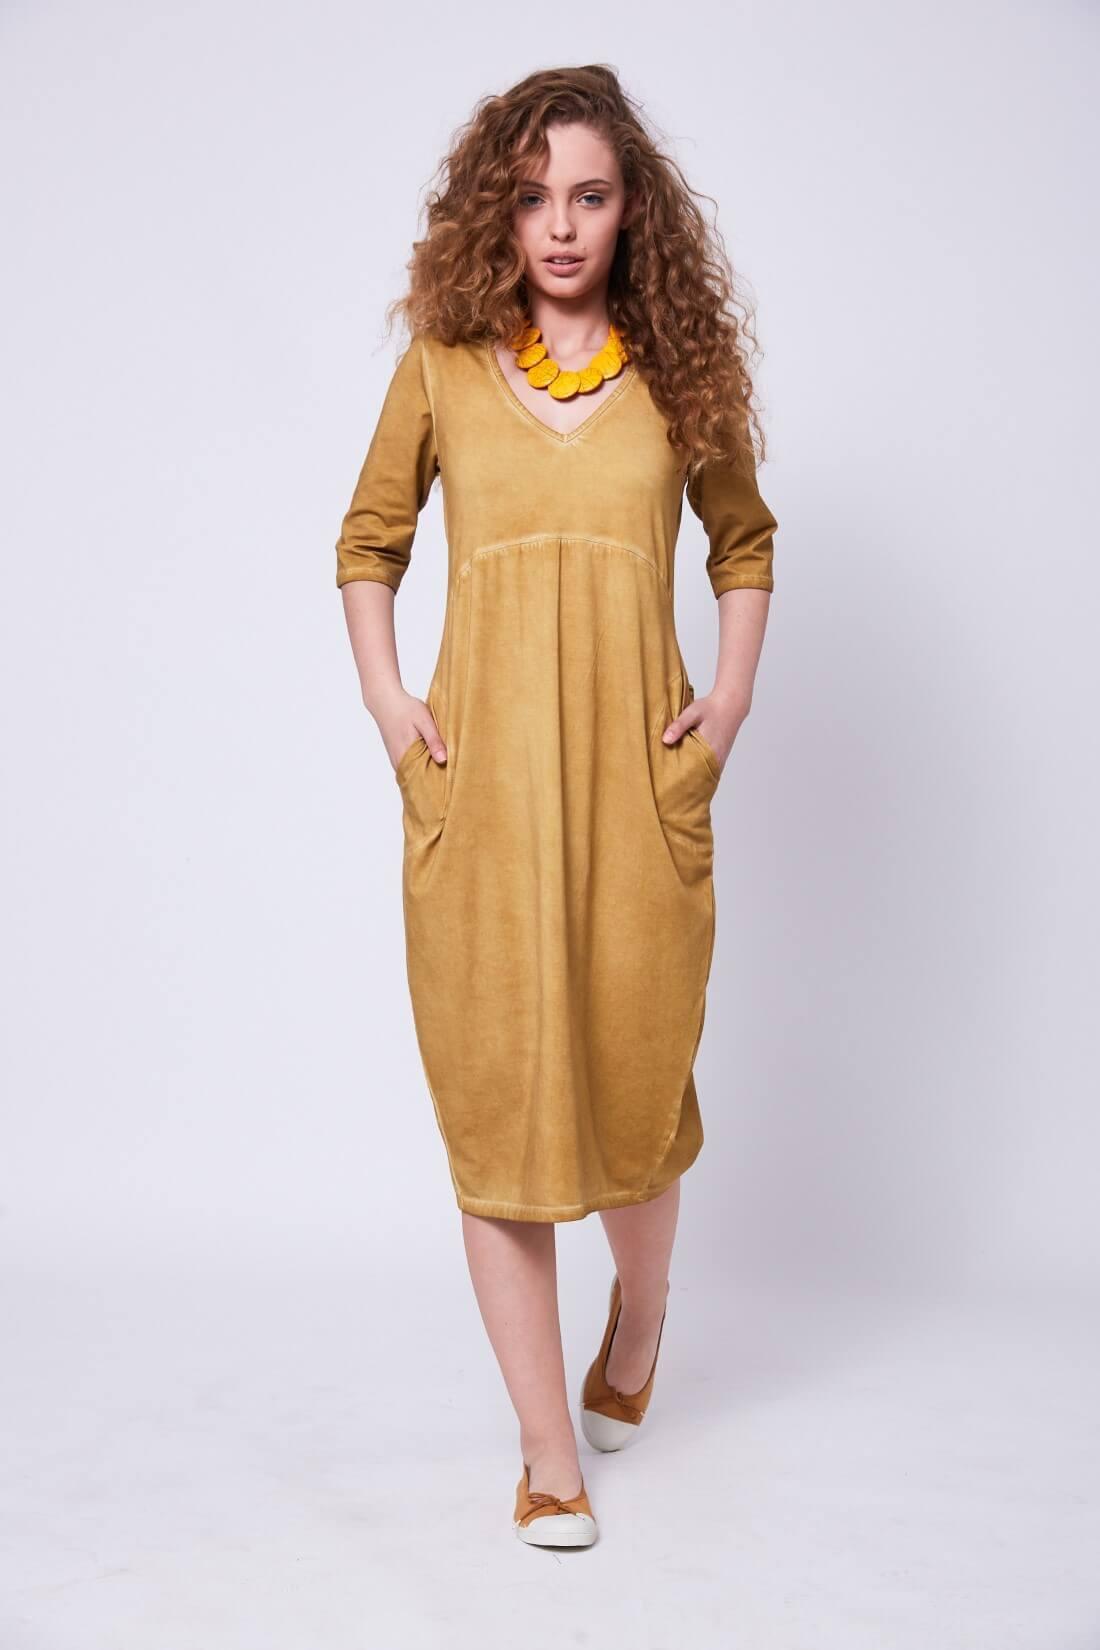 שמלה עם שרוולים בגיזרת בלון דגם בלומה-חרדל